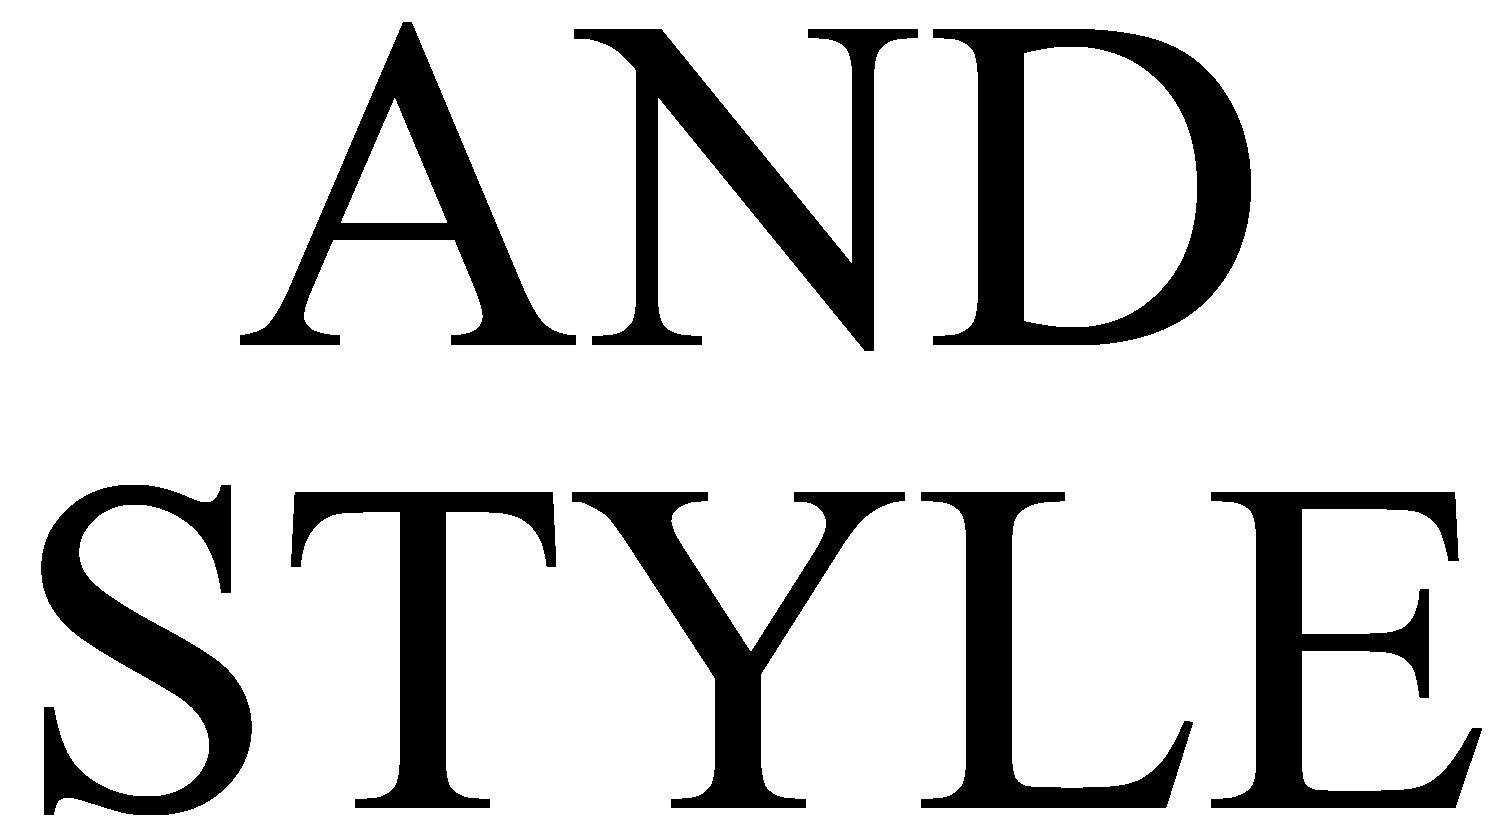 浜松の写真館 スタイルアンドスタイリスト半田山スタジオ 成人式前撮・ブライダル前撮り・753・家族写真・終活写真・遺影写真・ヘアメイク